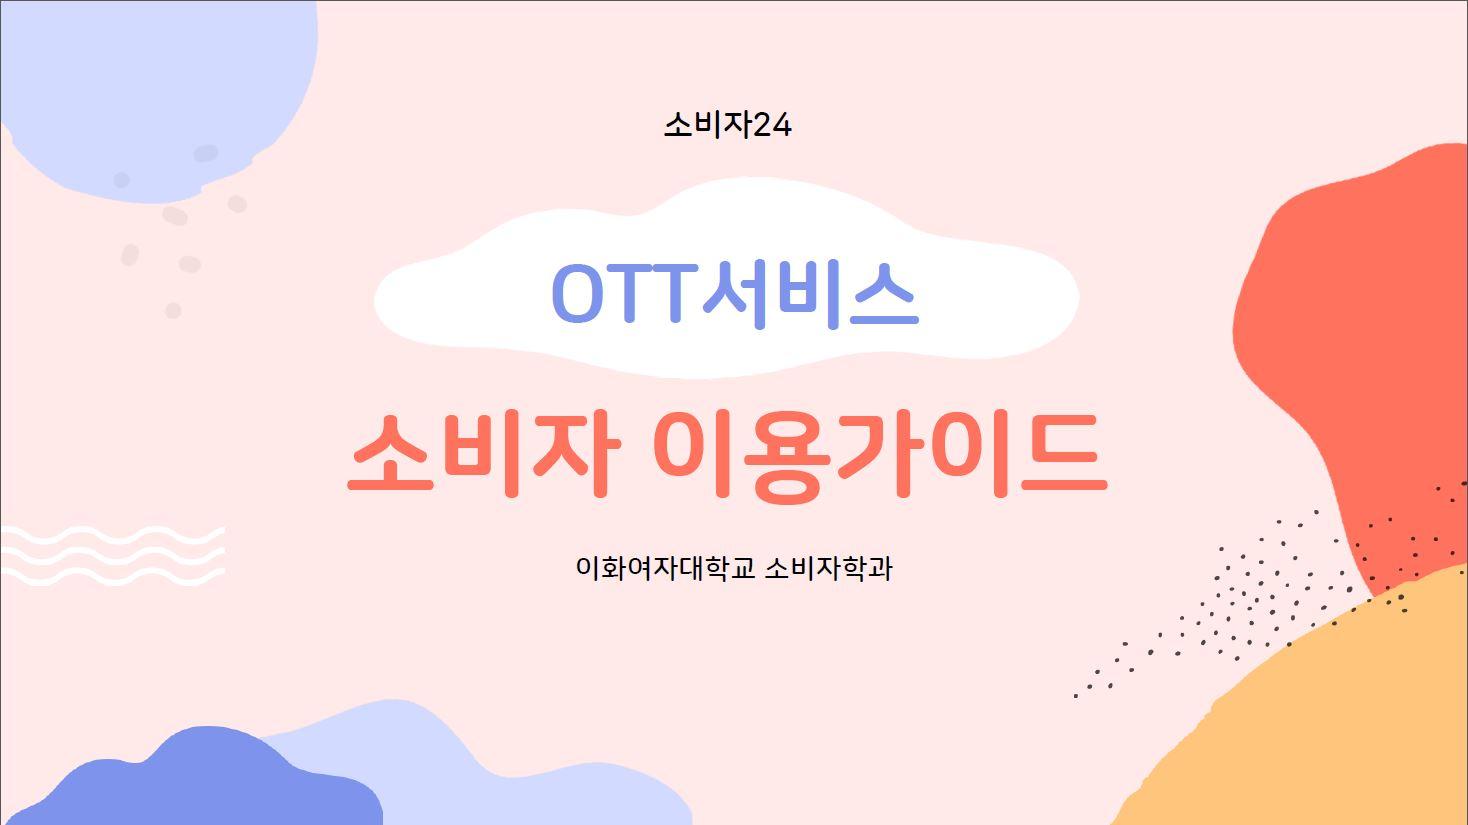 소비자24 OTT 서비스 소비자 이용 가이드 이화여자대학교 소비자학과